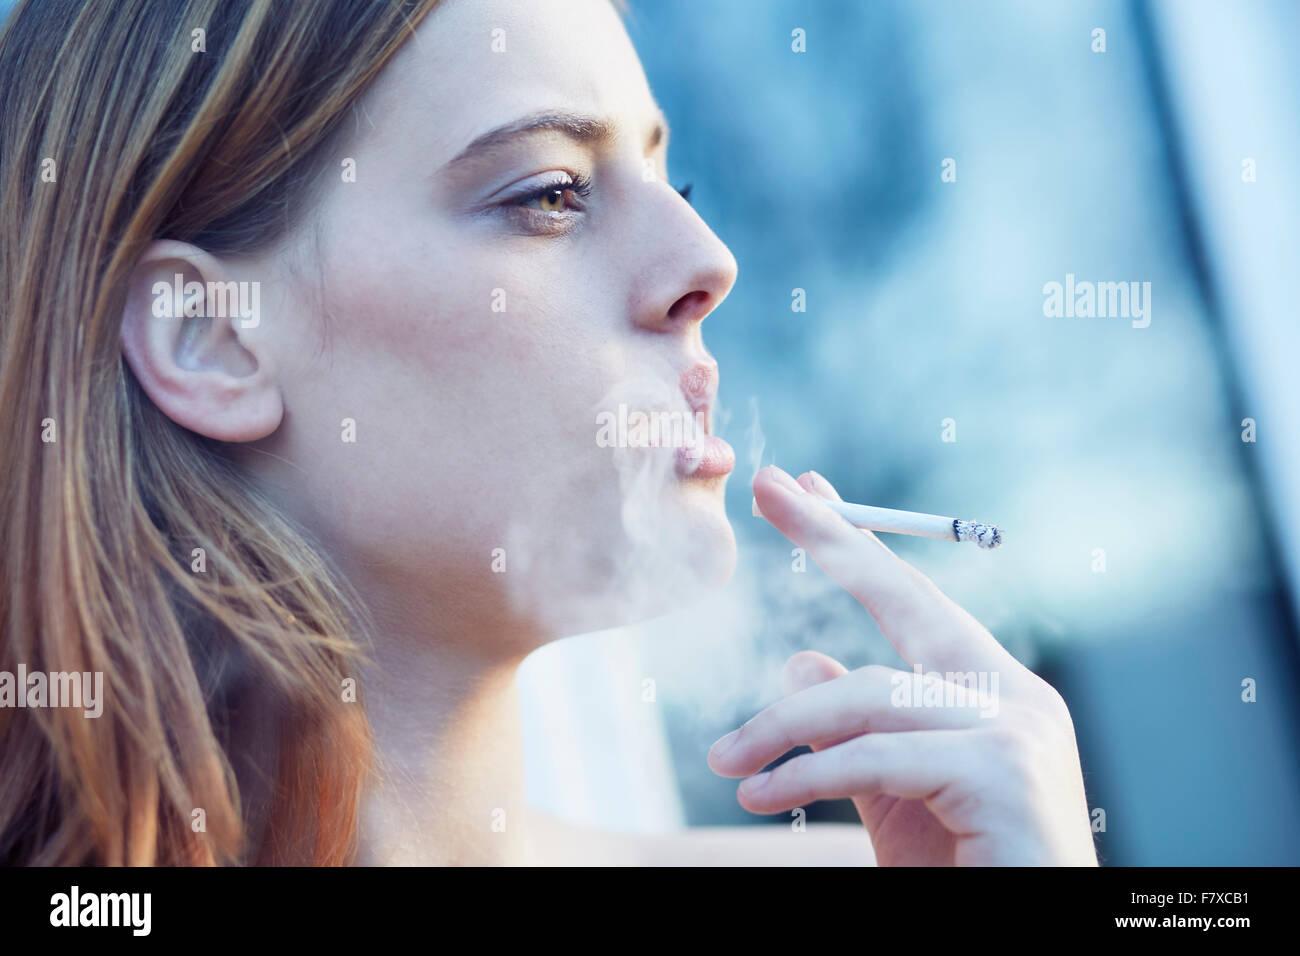 Woman smoking - Stock Image